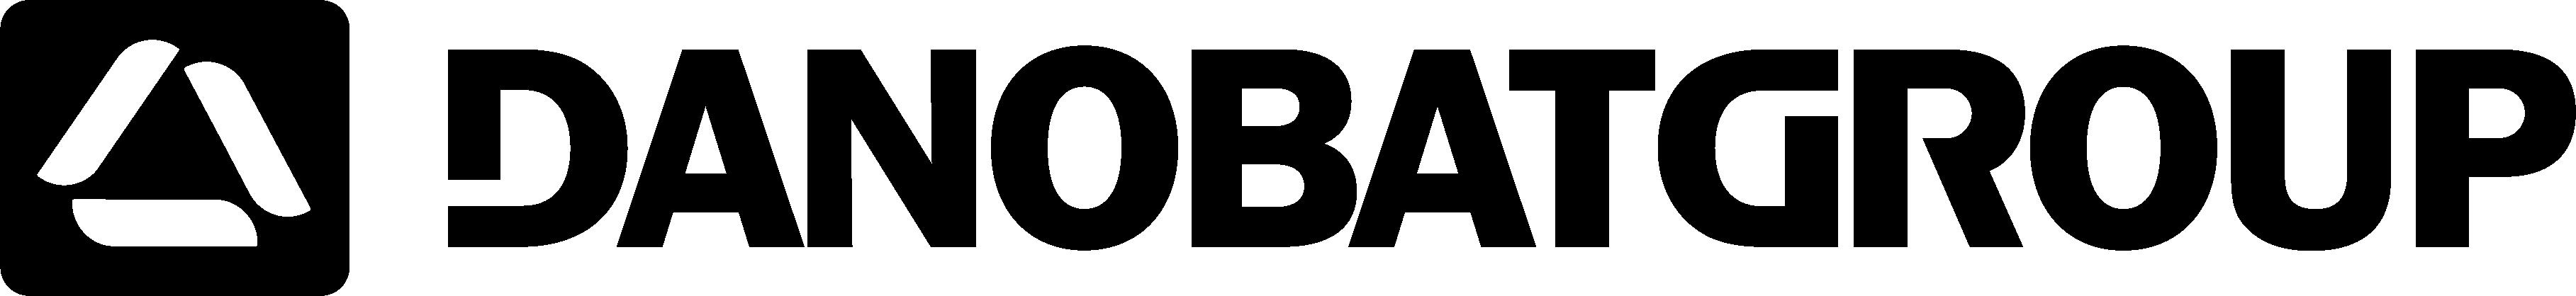 Черно-белый логотип DANOBATGROUP